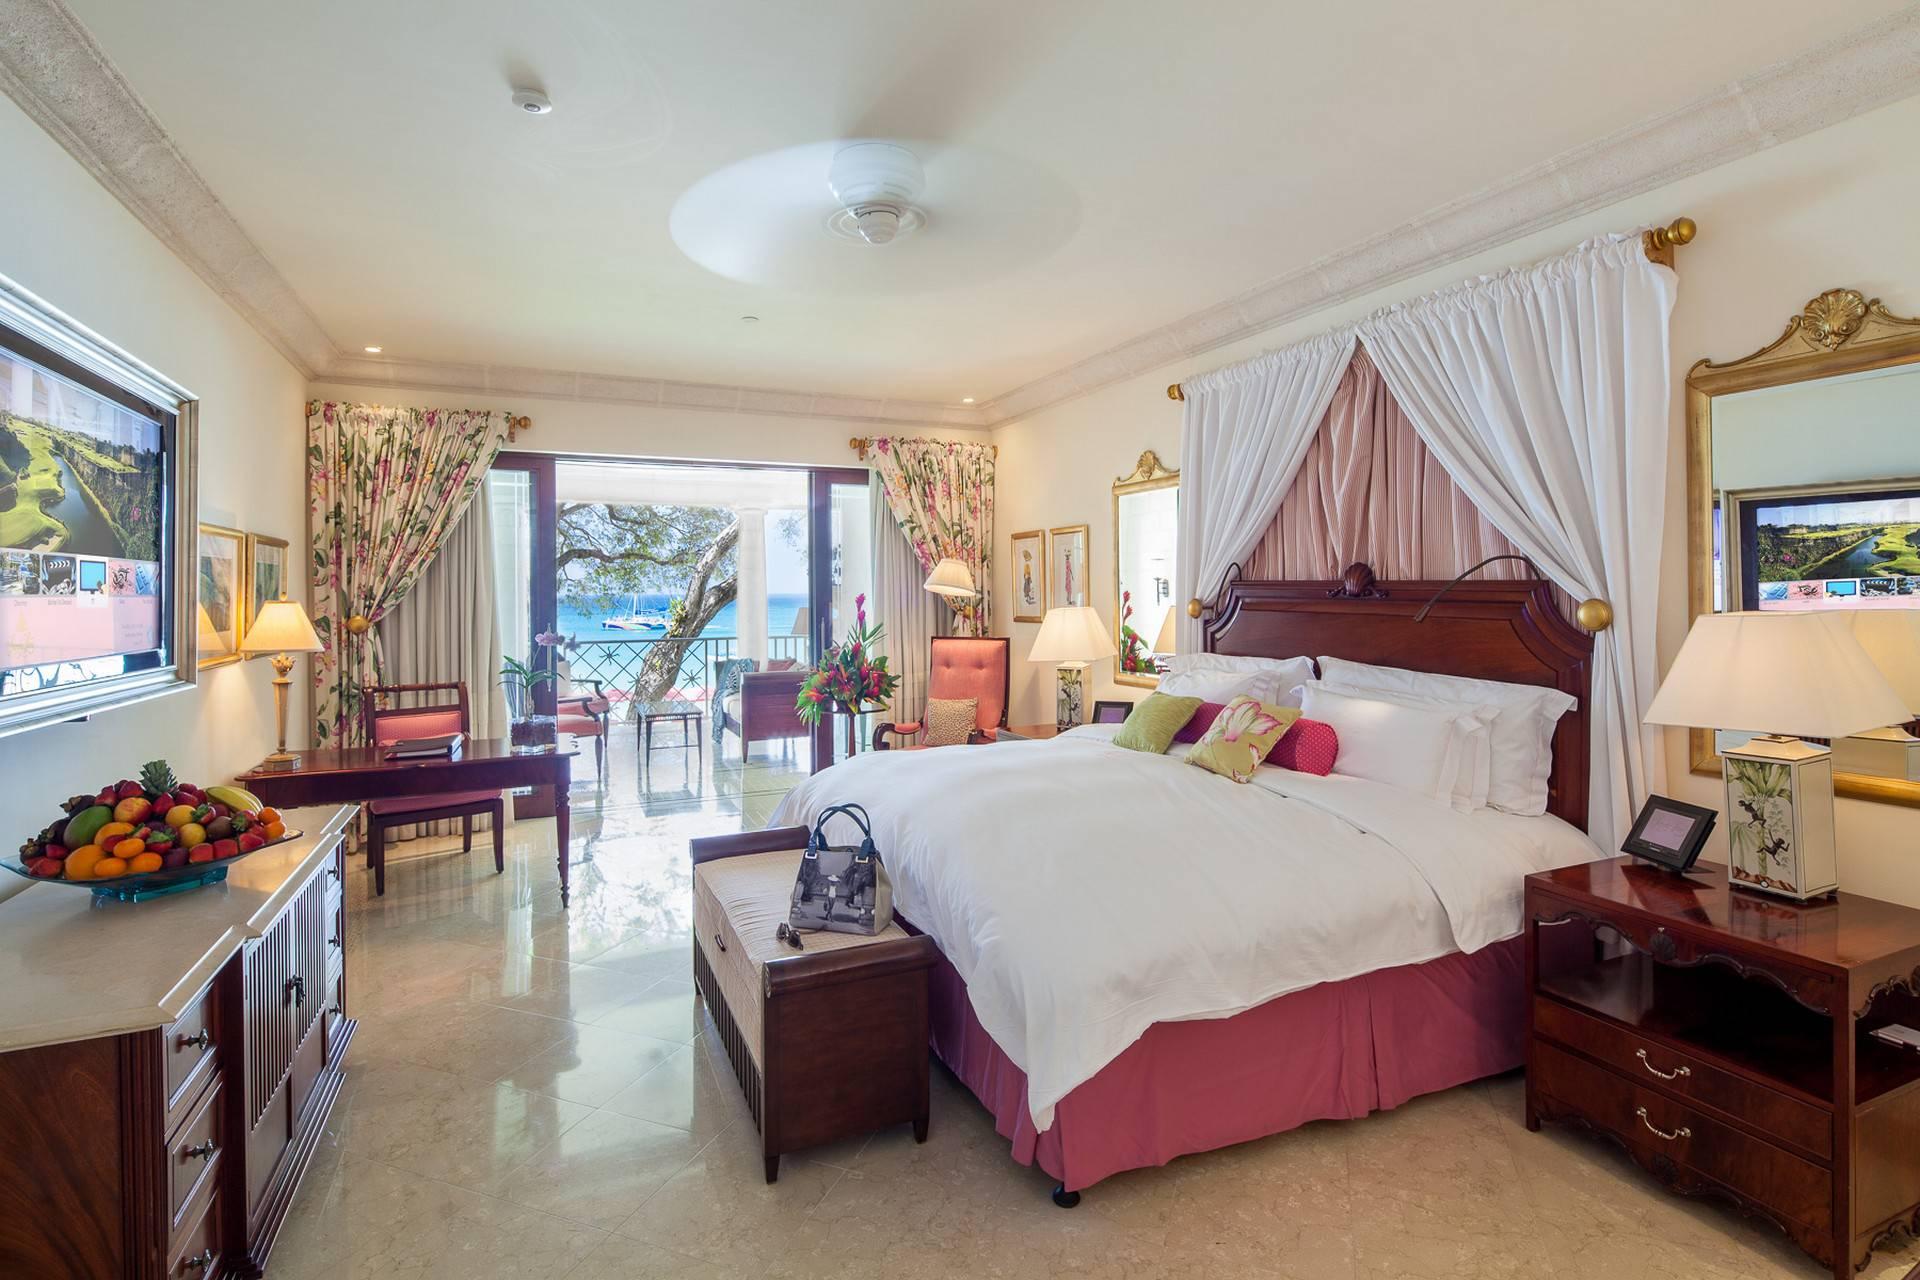 Exquisite decor and comfort